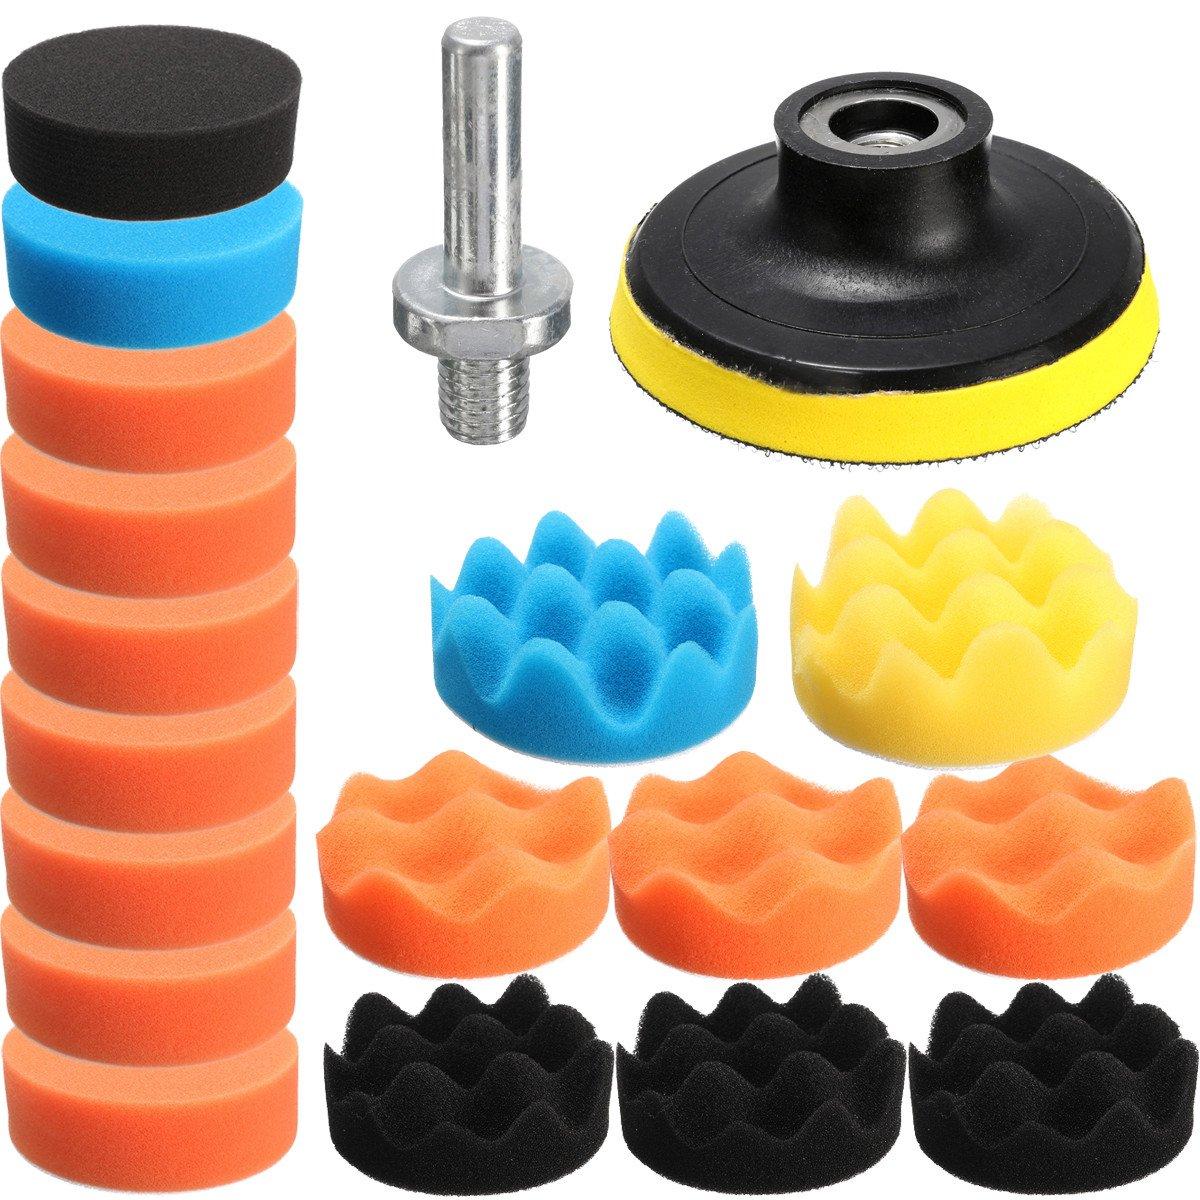 QOJA drillpro 19pcs 80mm flat sponge buff buffing pad polishing